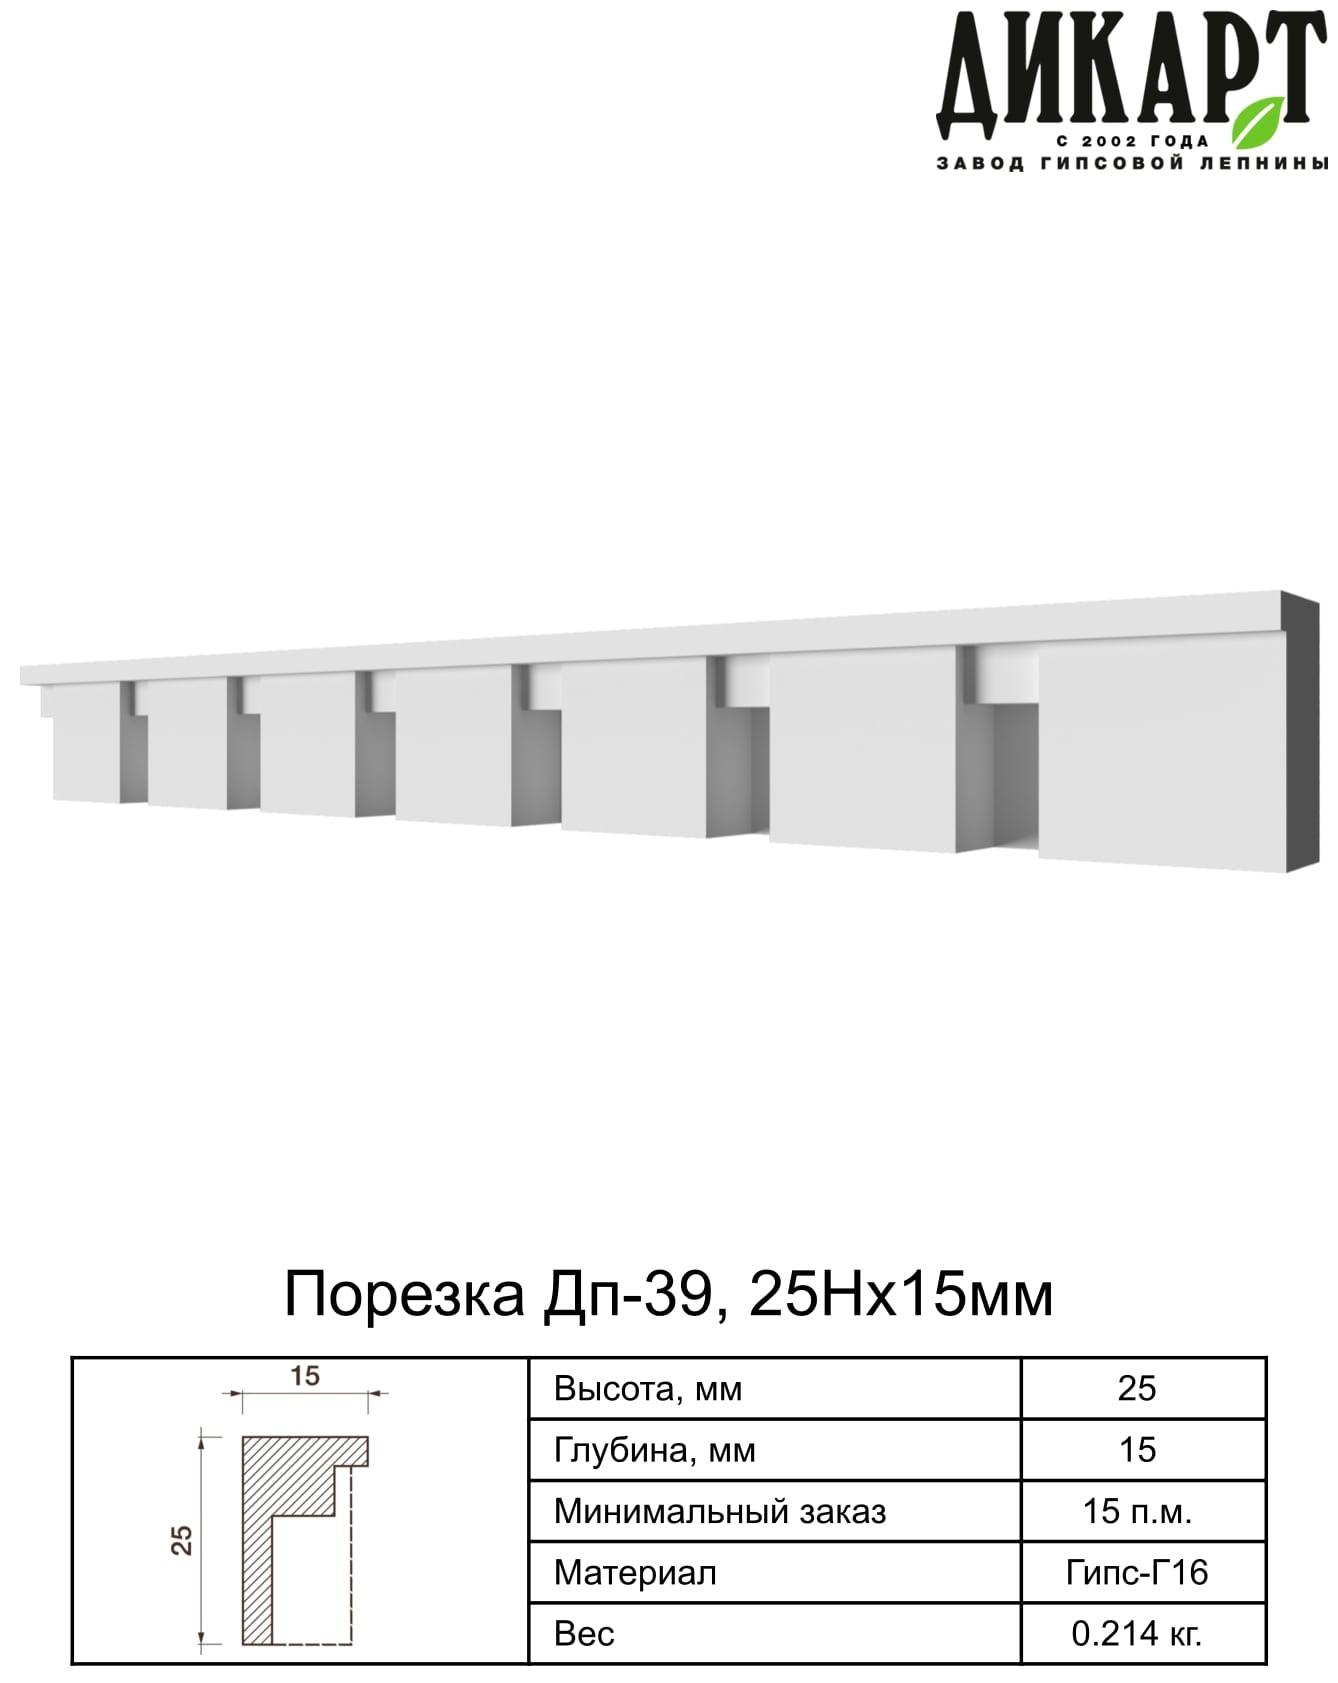 Порезка_Дп-39